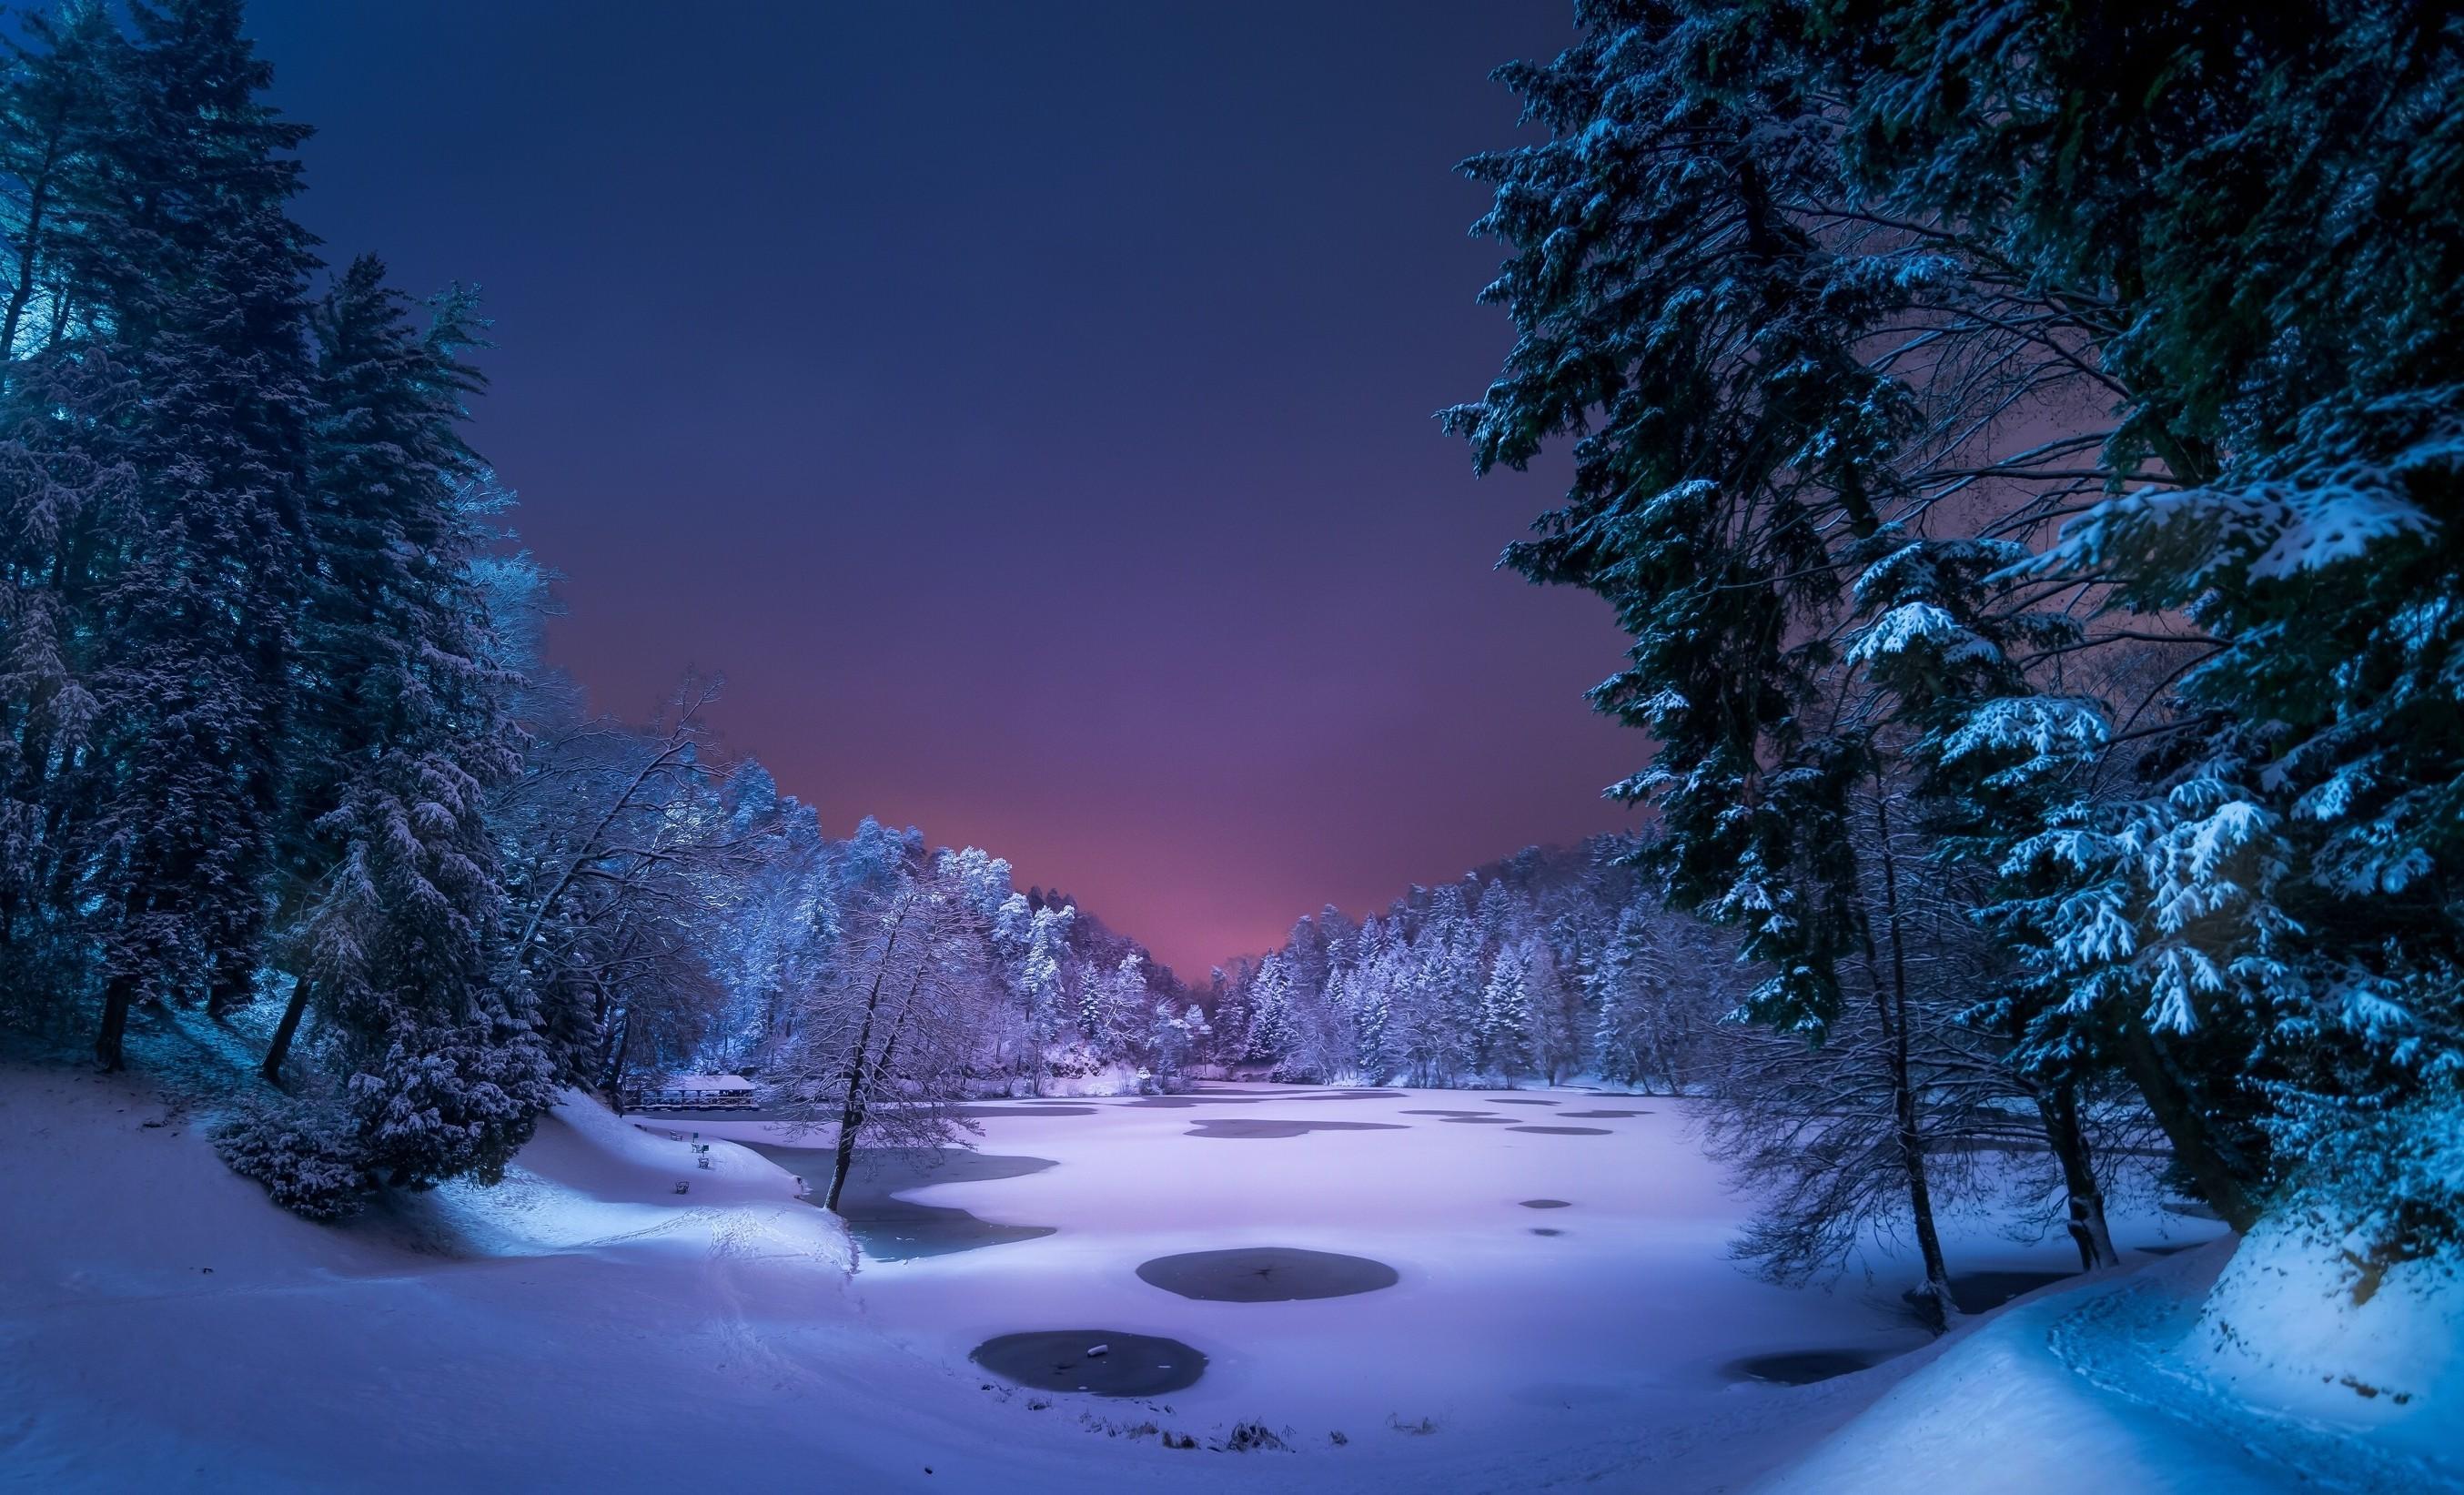 Snowy Winter Desktop Wallpaper